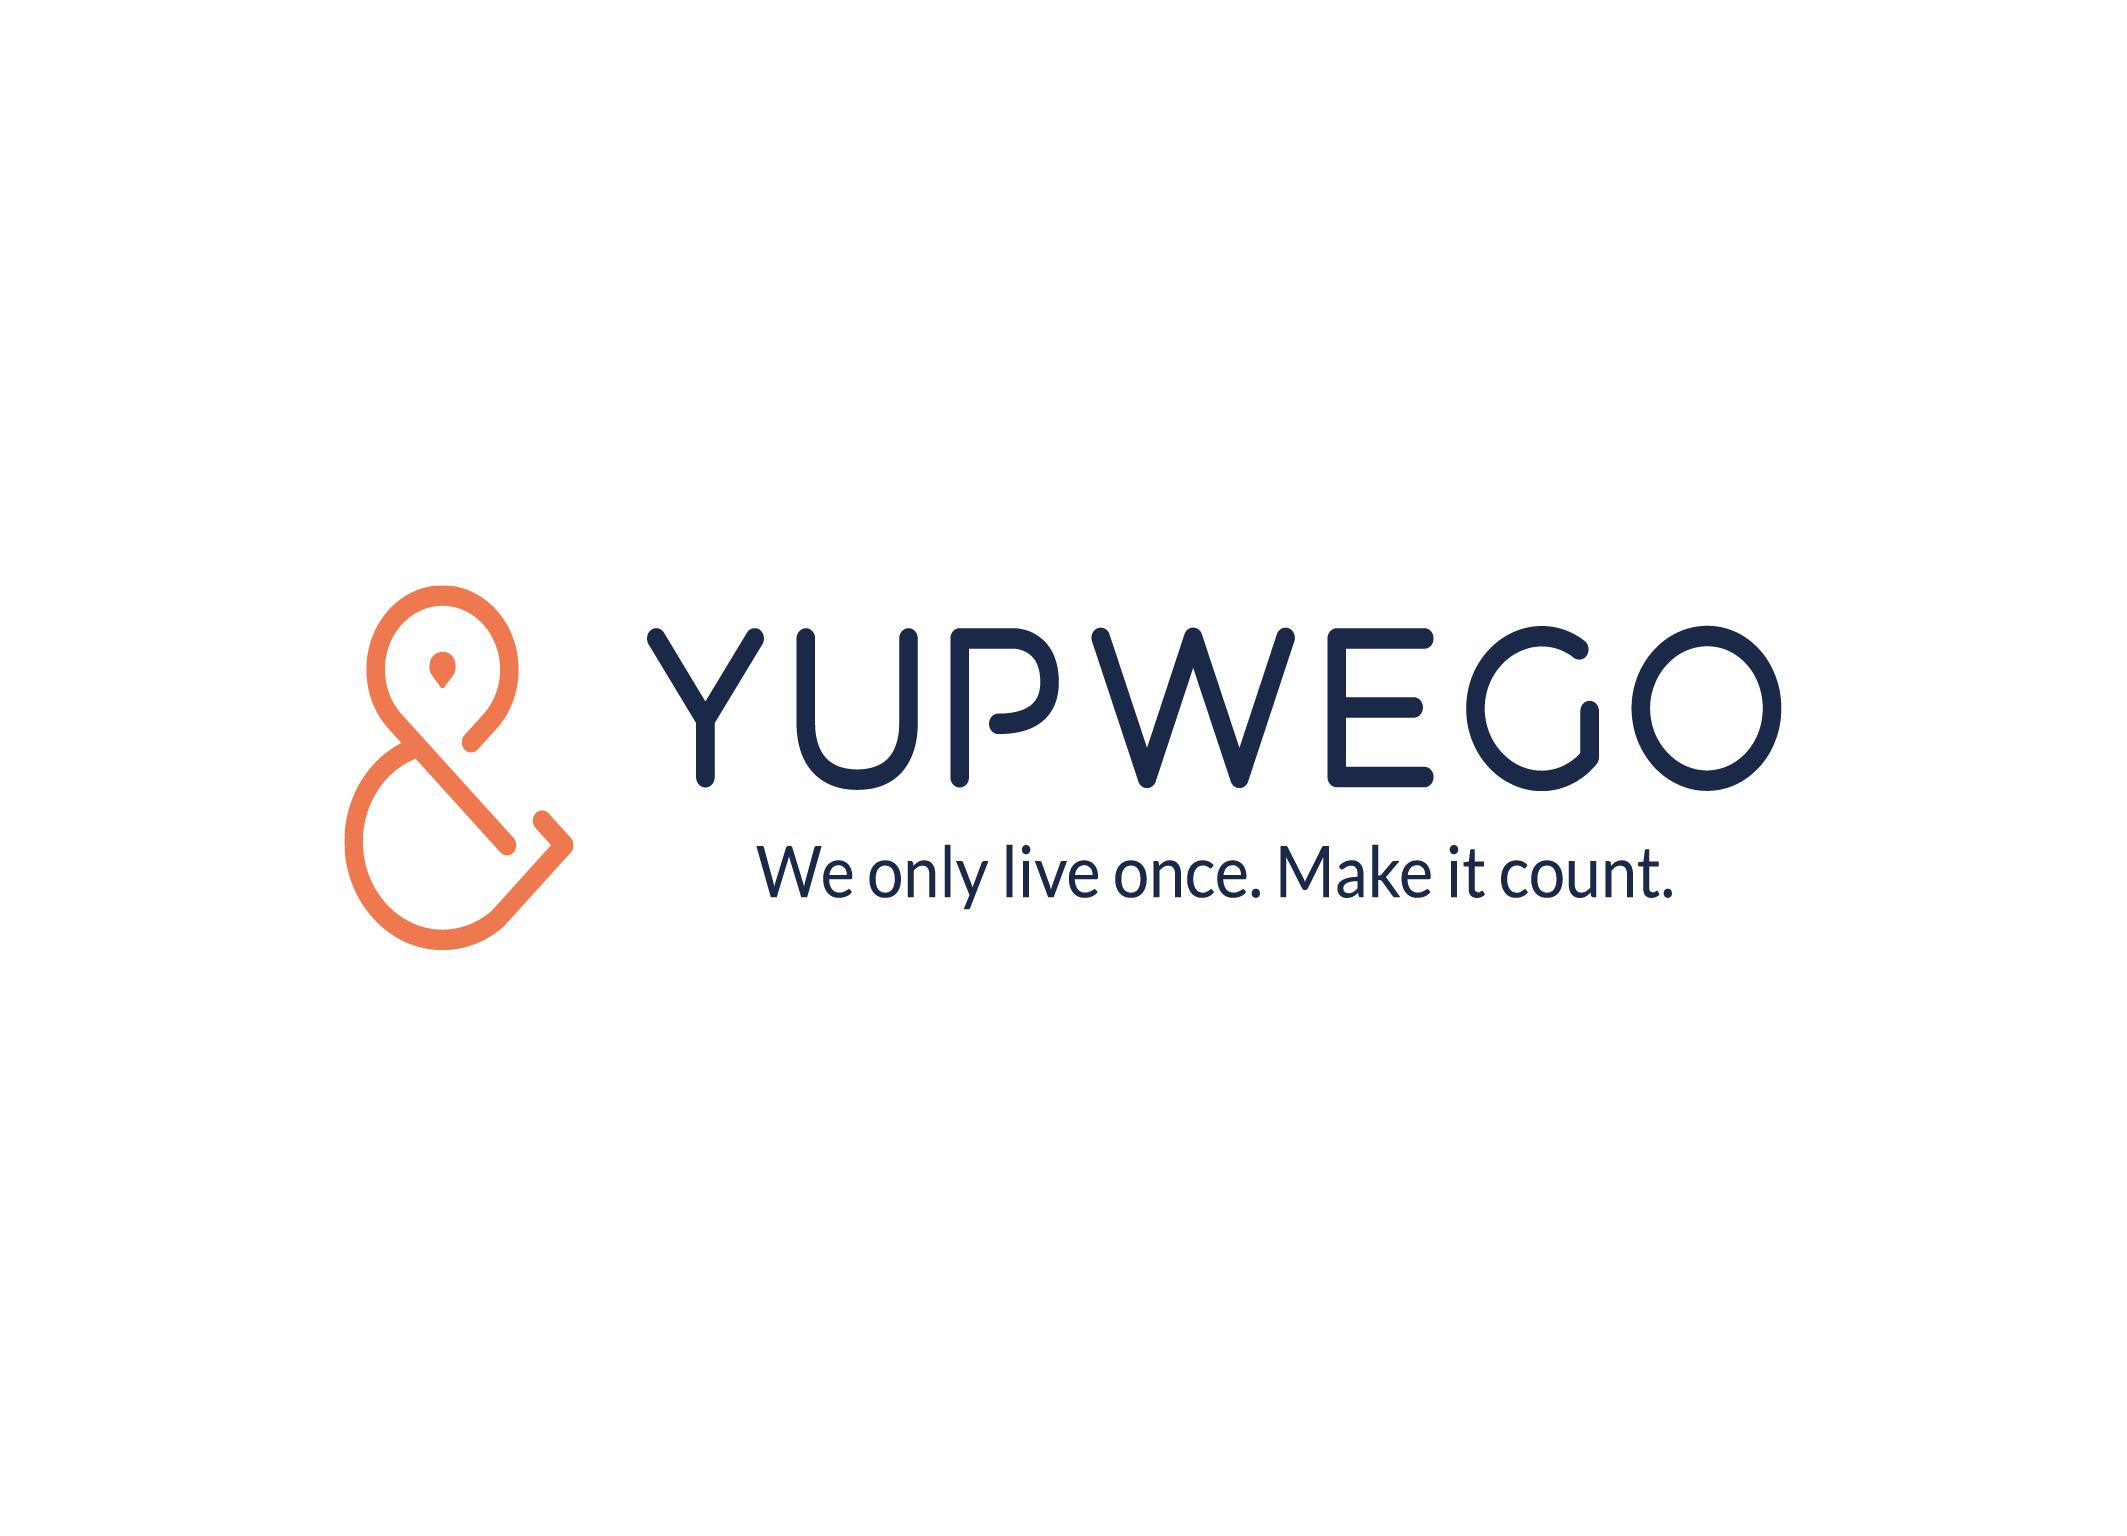 yupwego logo